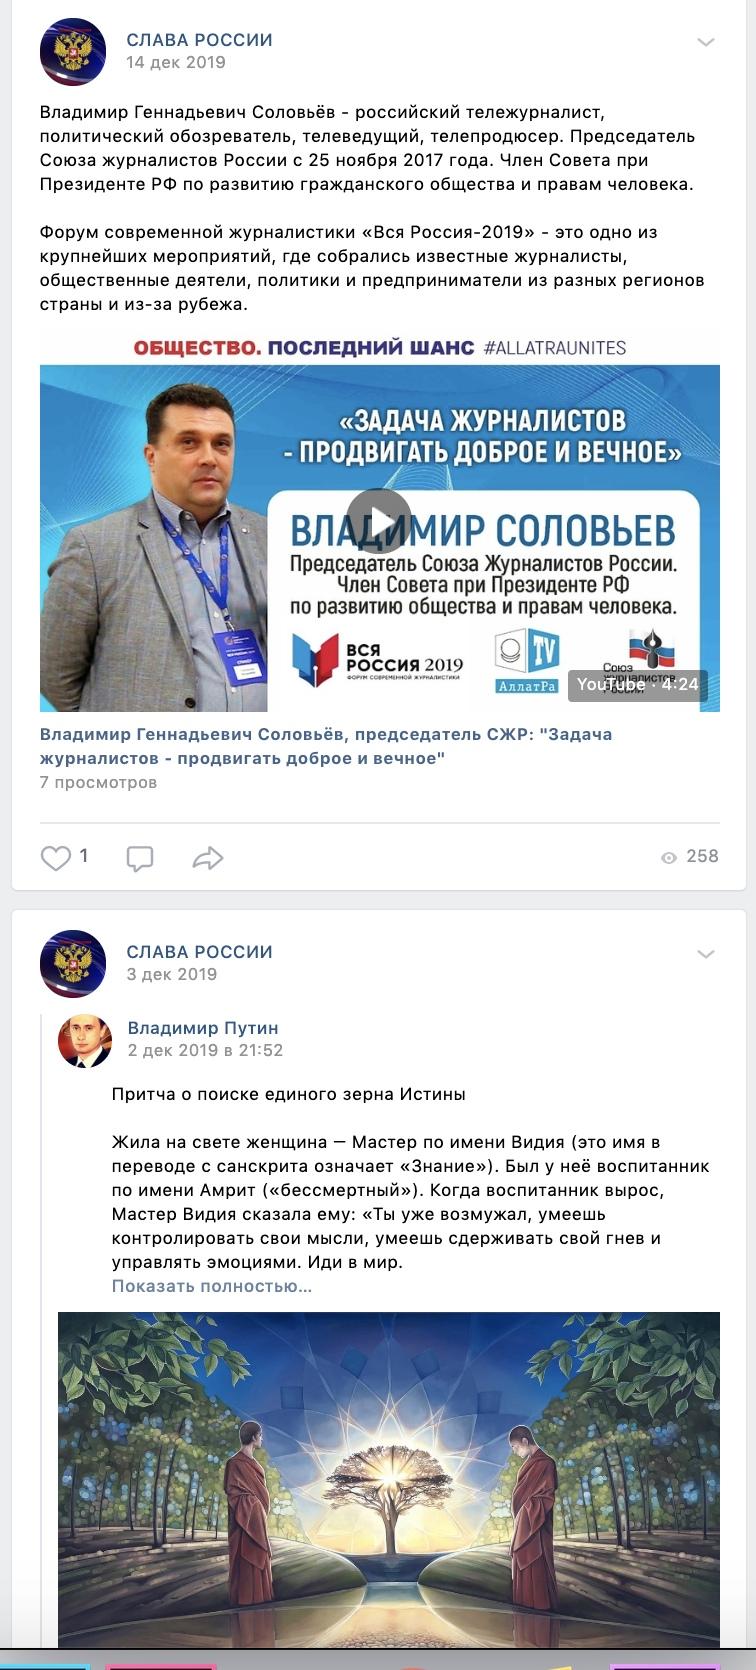 «Слава России» и её сквернословие, изображение №26